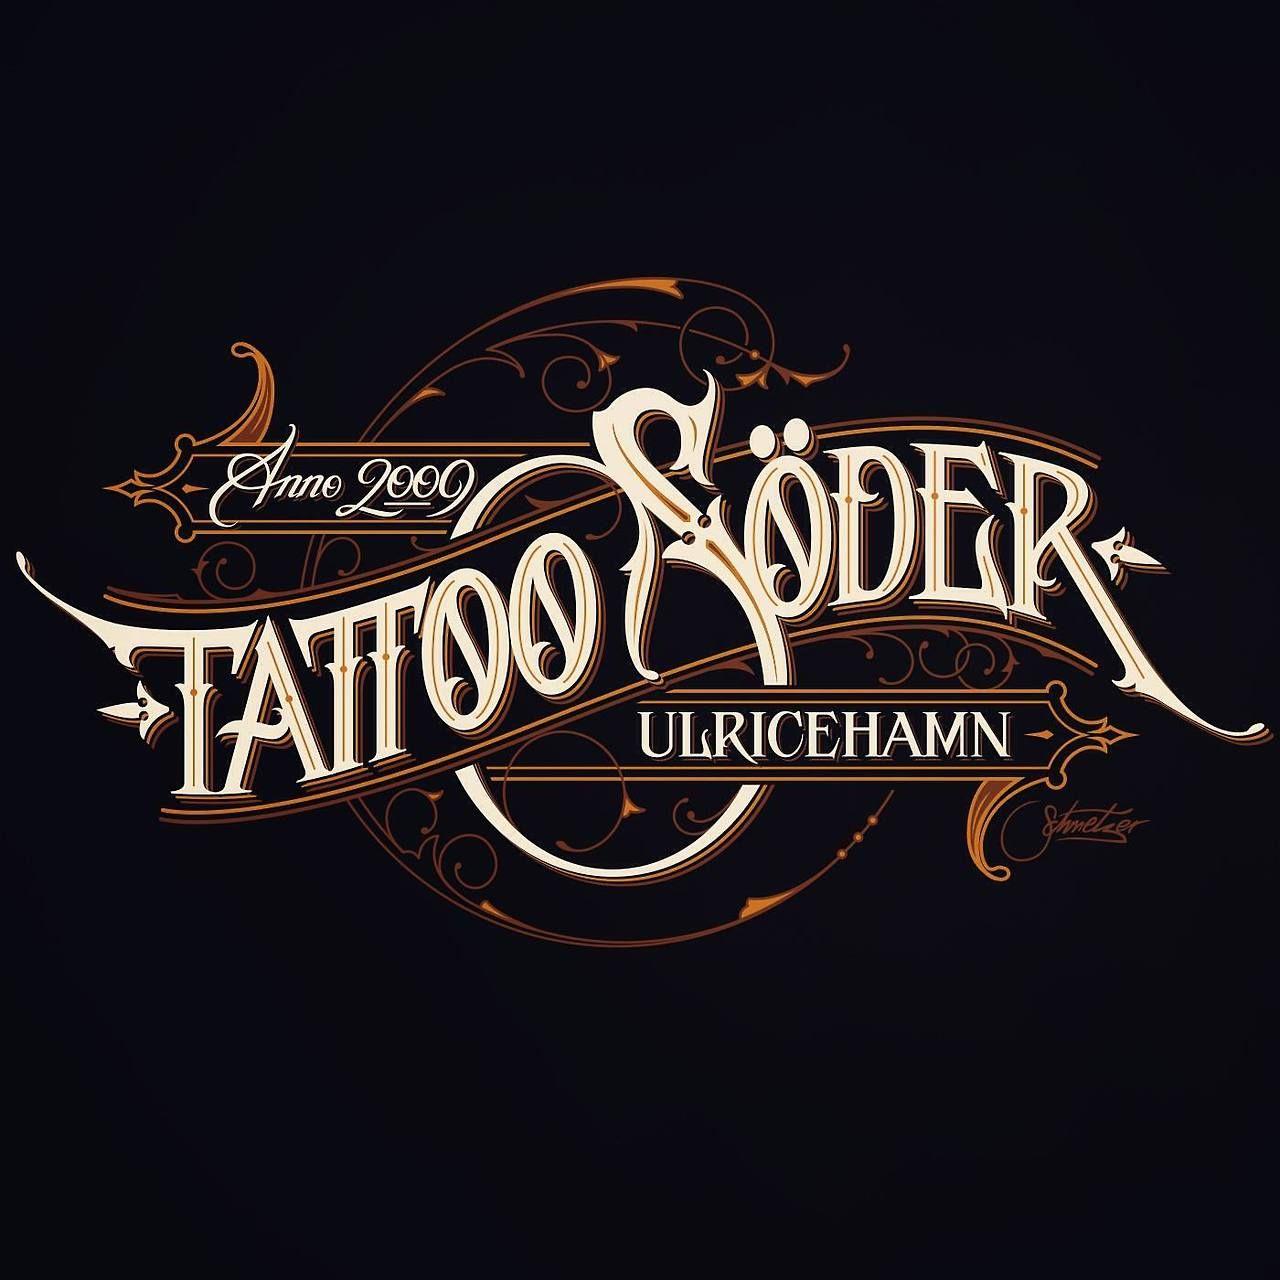 Tattoo Söder by Martin Schmetzer Lettering design